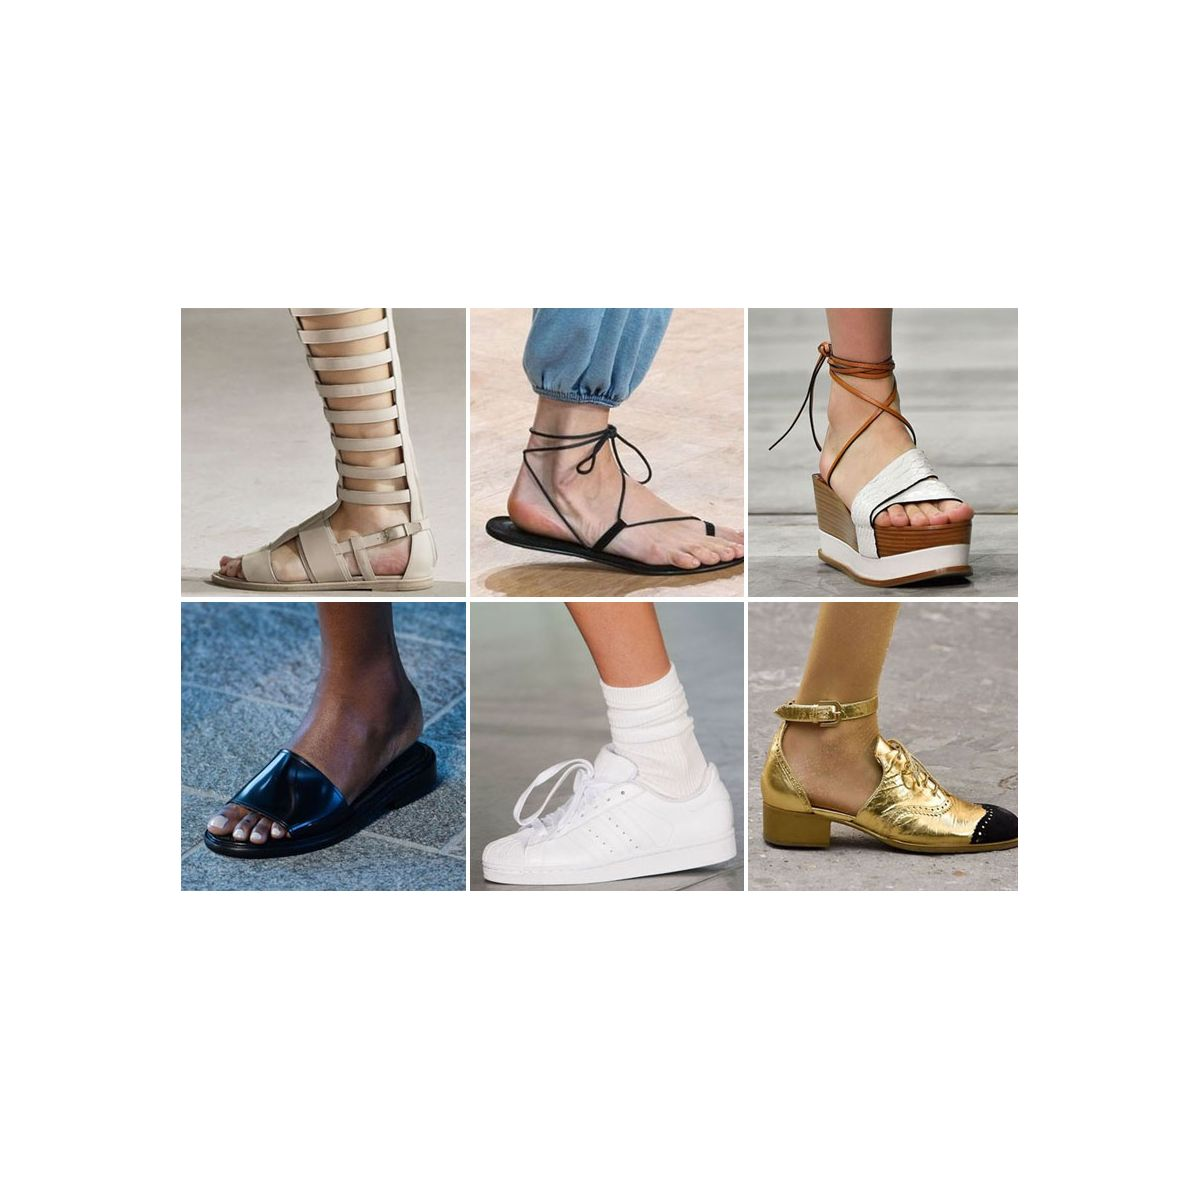 c94fd94dd Les 10 tendances chaussures du printemps-été 2015